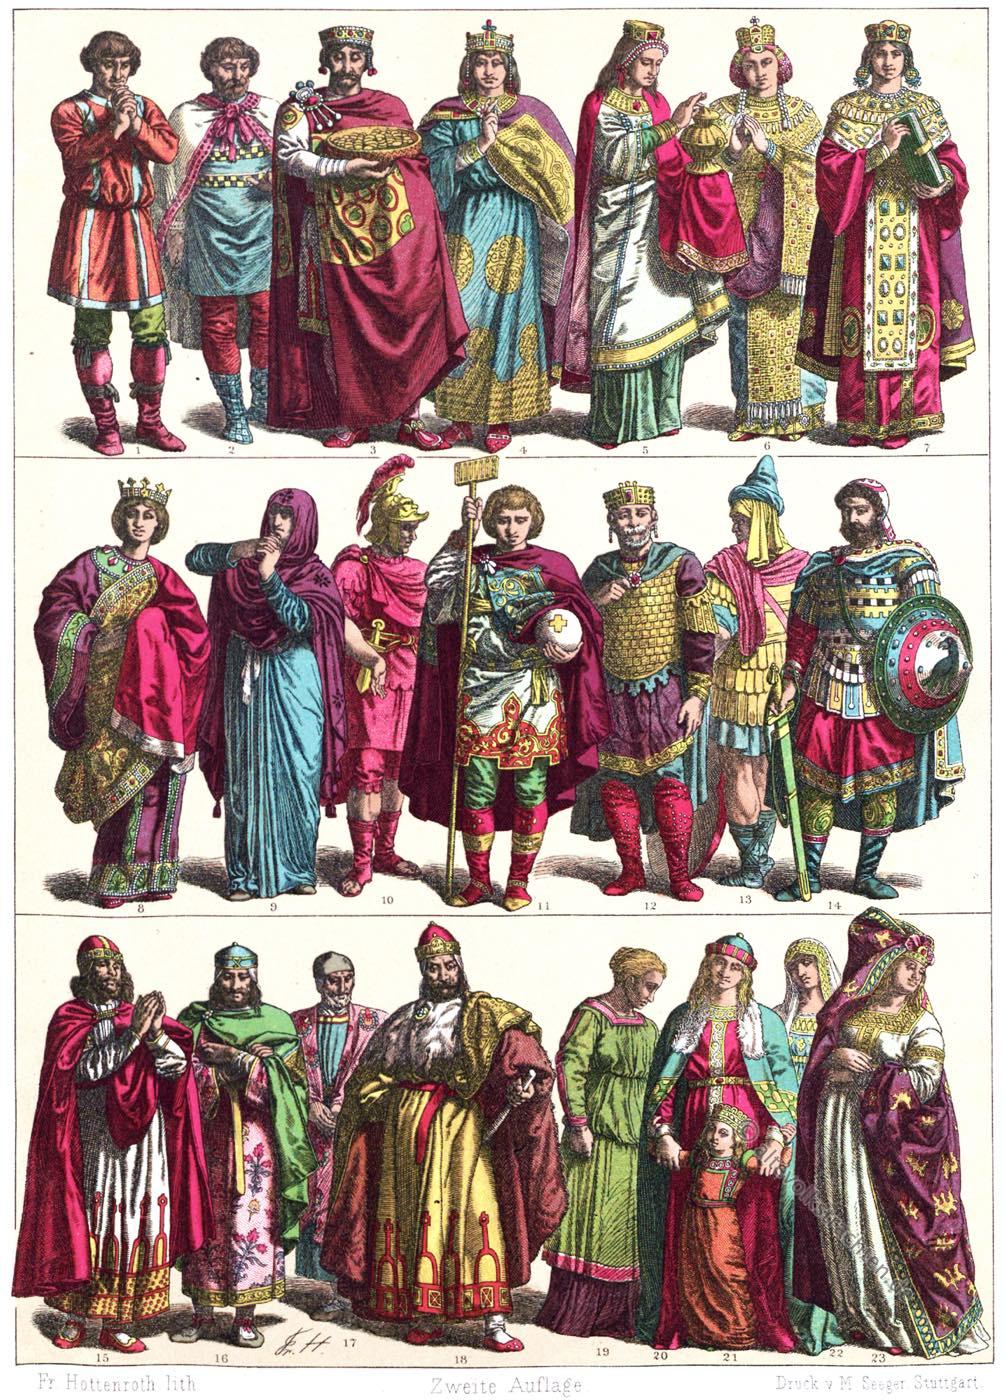 Italien, Gewandung, Kaiser, Adel, Krieger, Heerführer